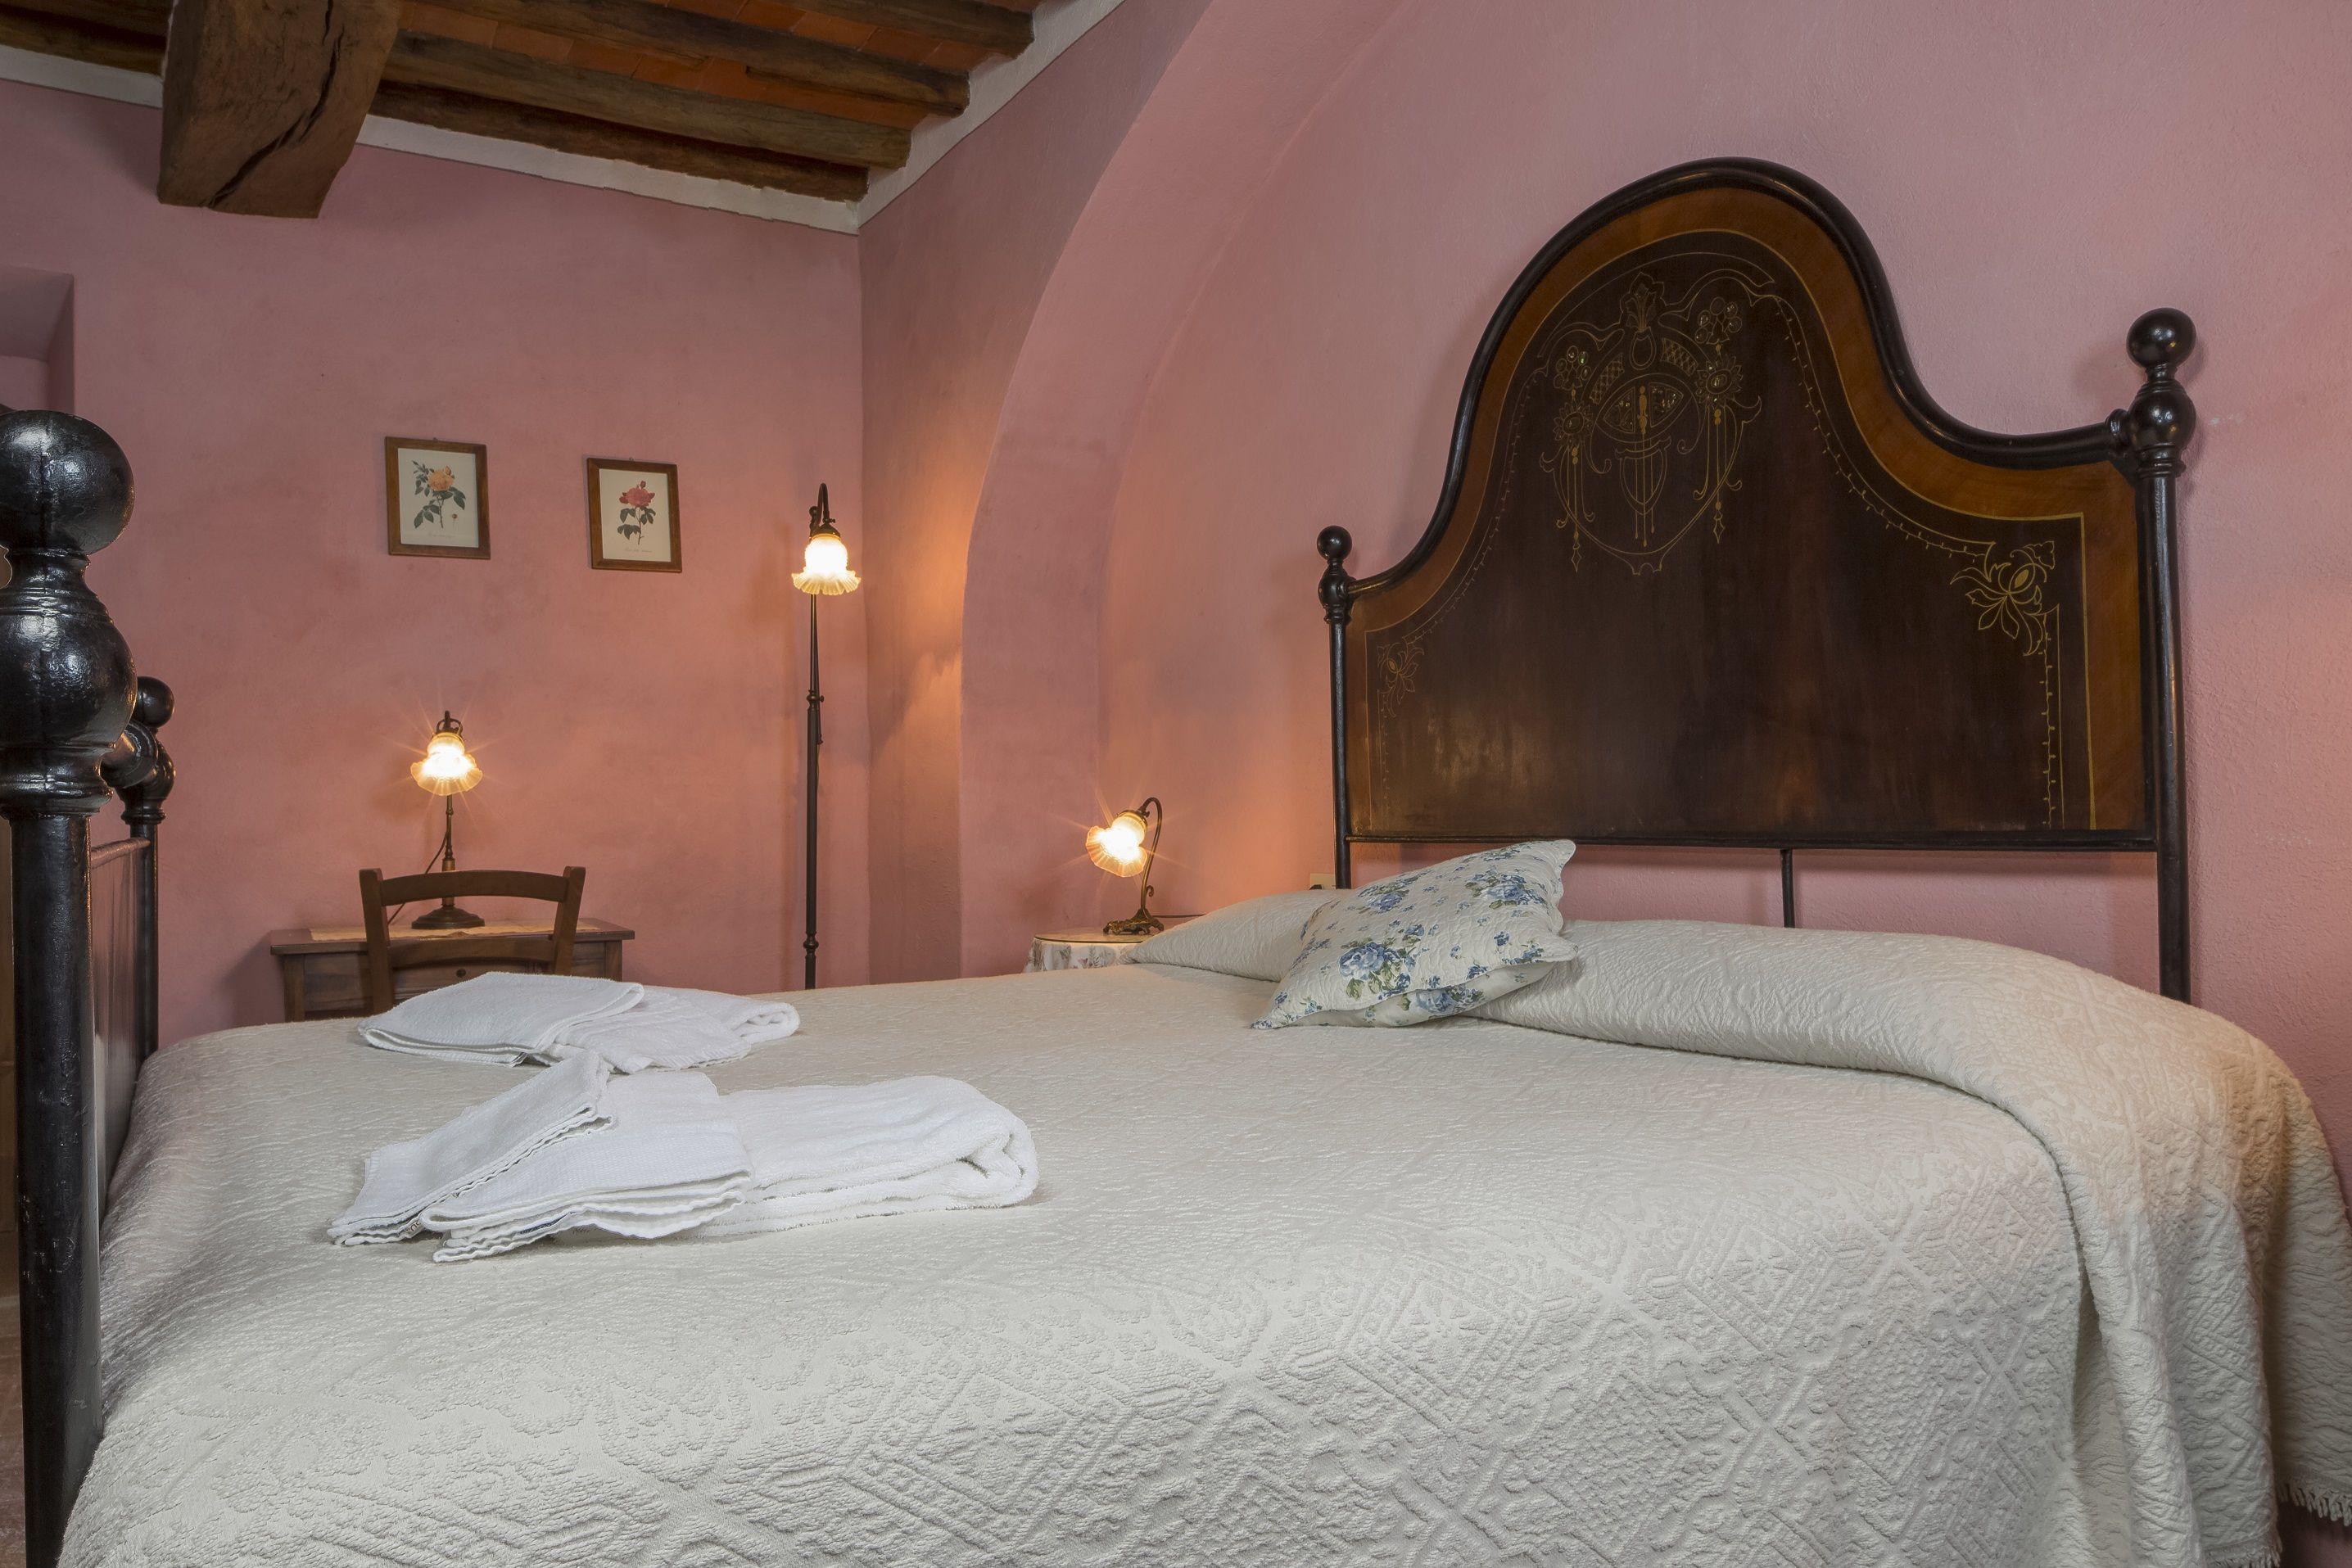 Apartment Podere La Casetta - Granaio Holiday Home photo 18371725